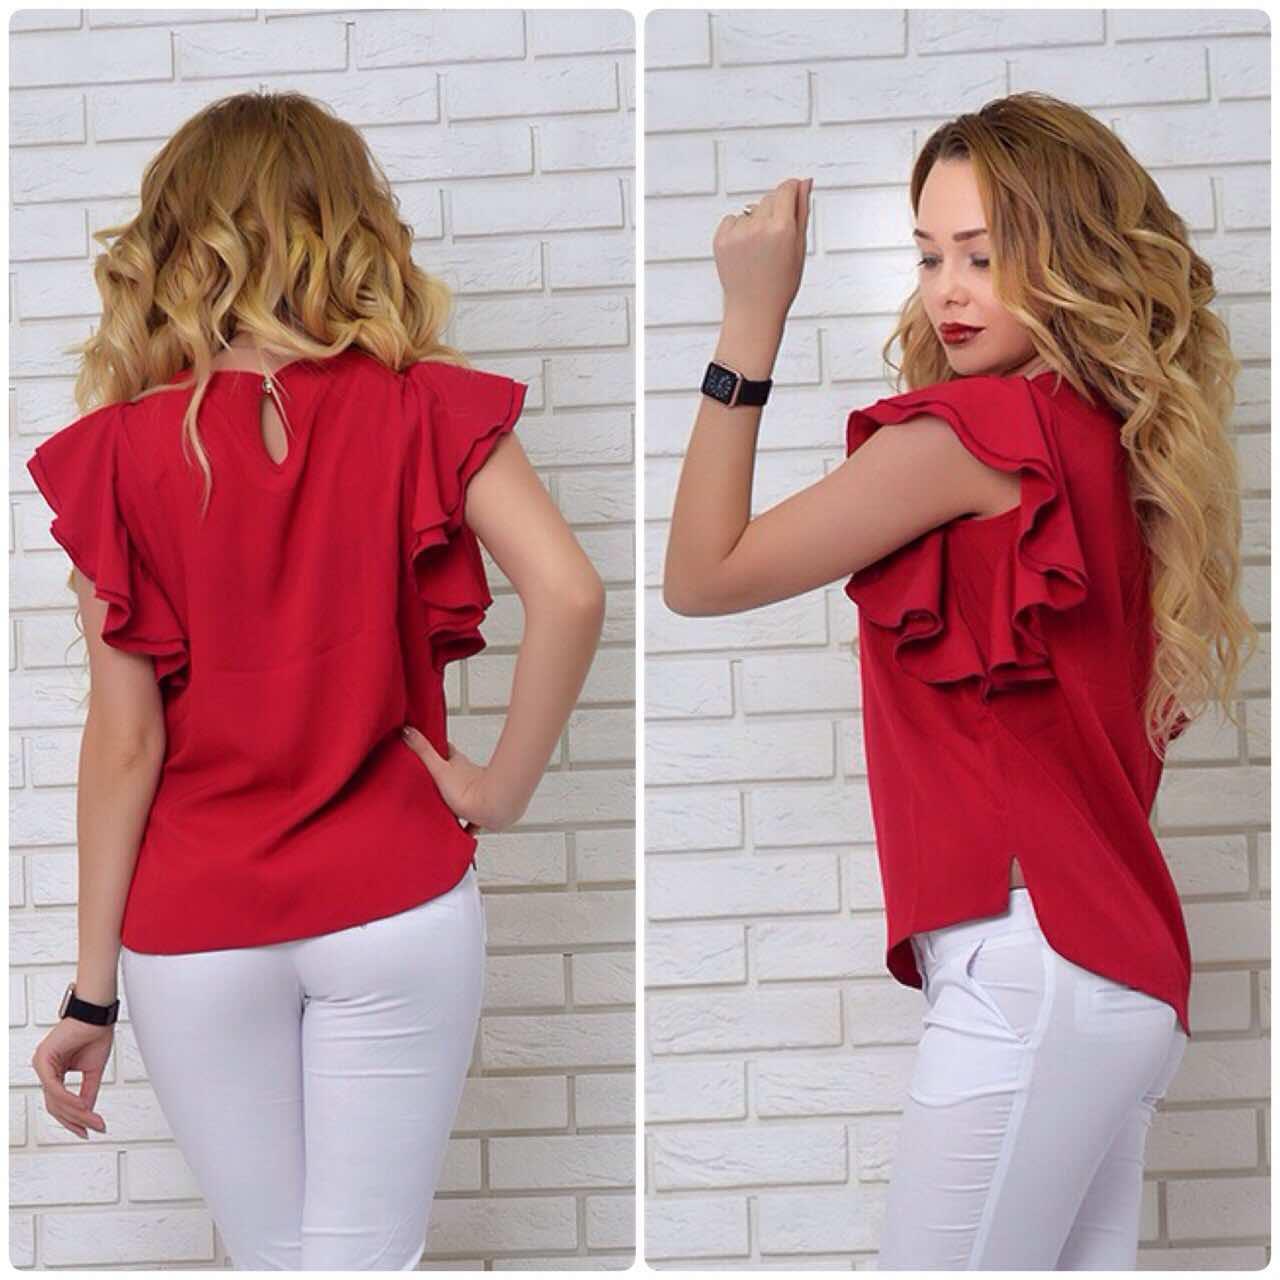 Блузка нарядная, модель 902, марсала, фото 1